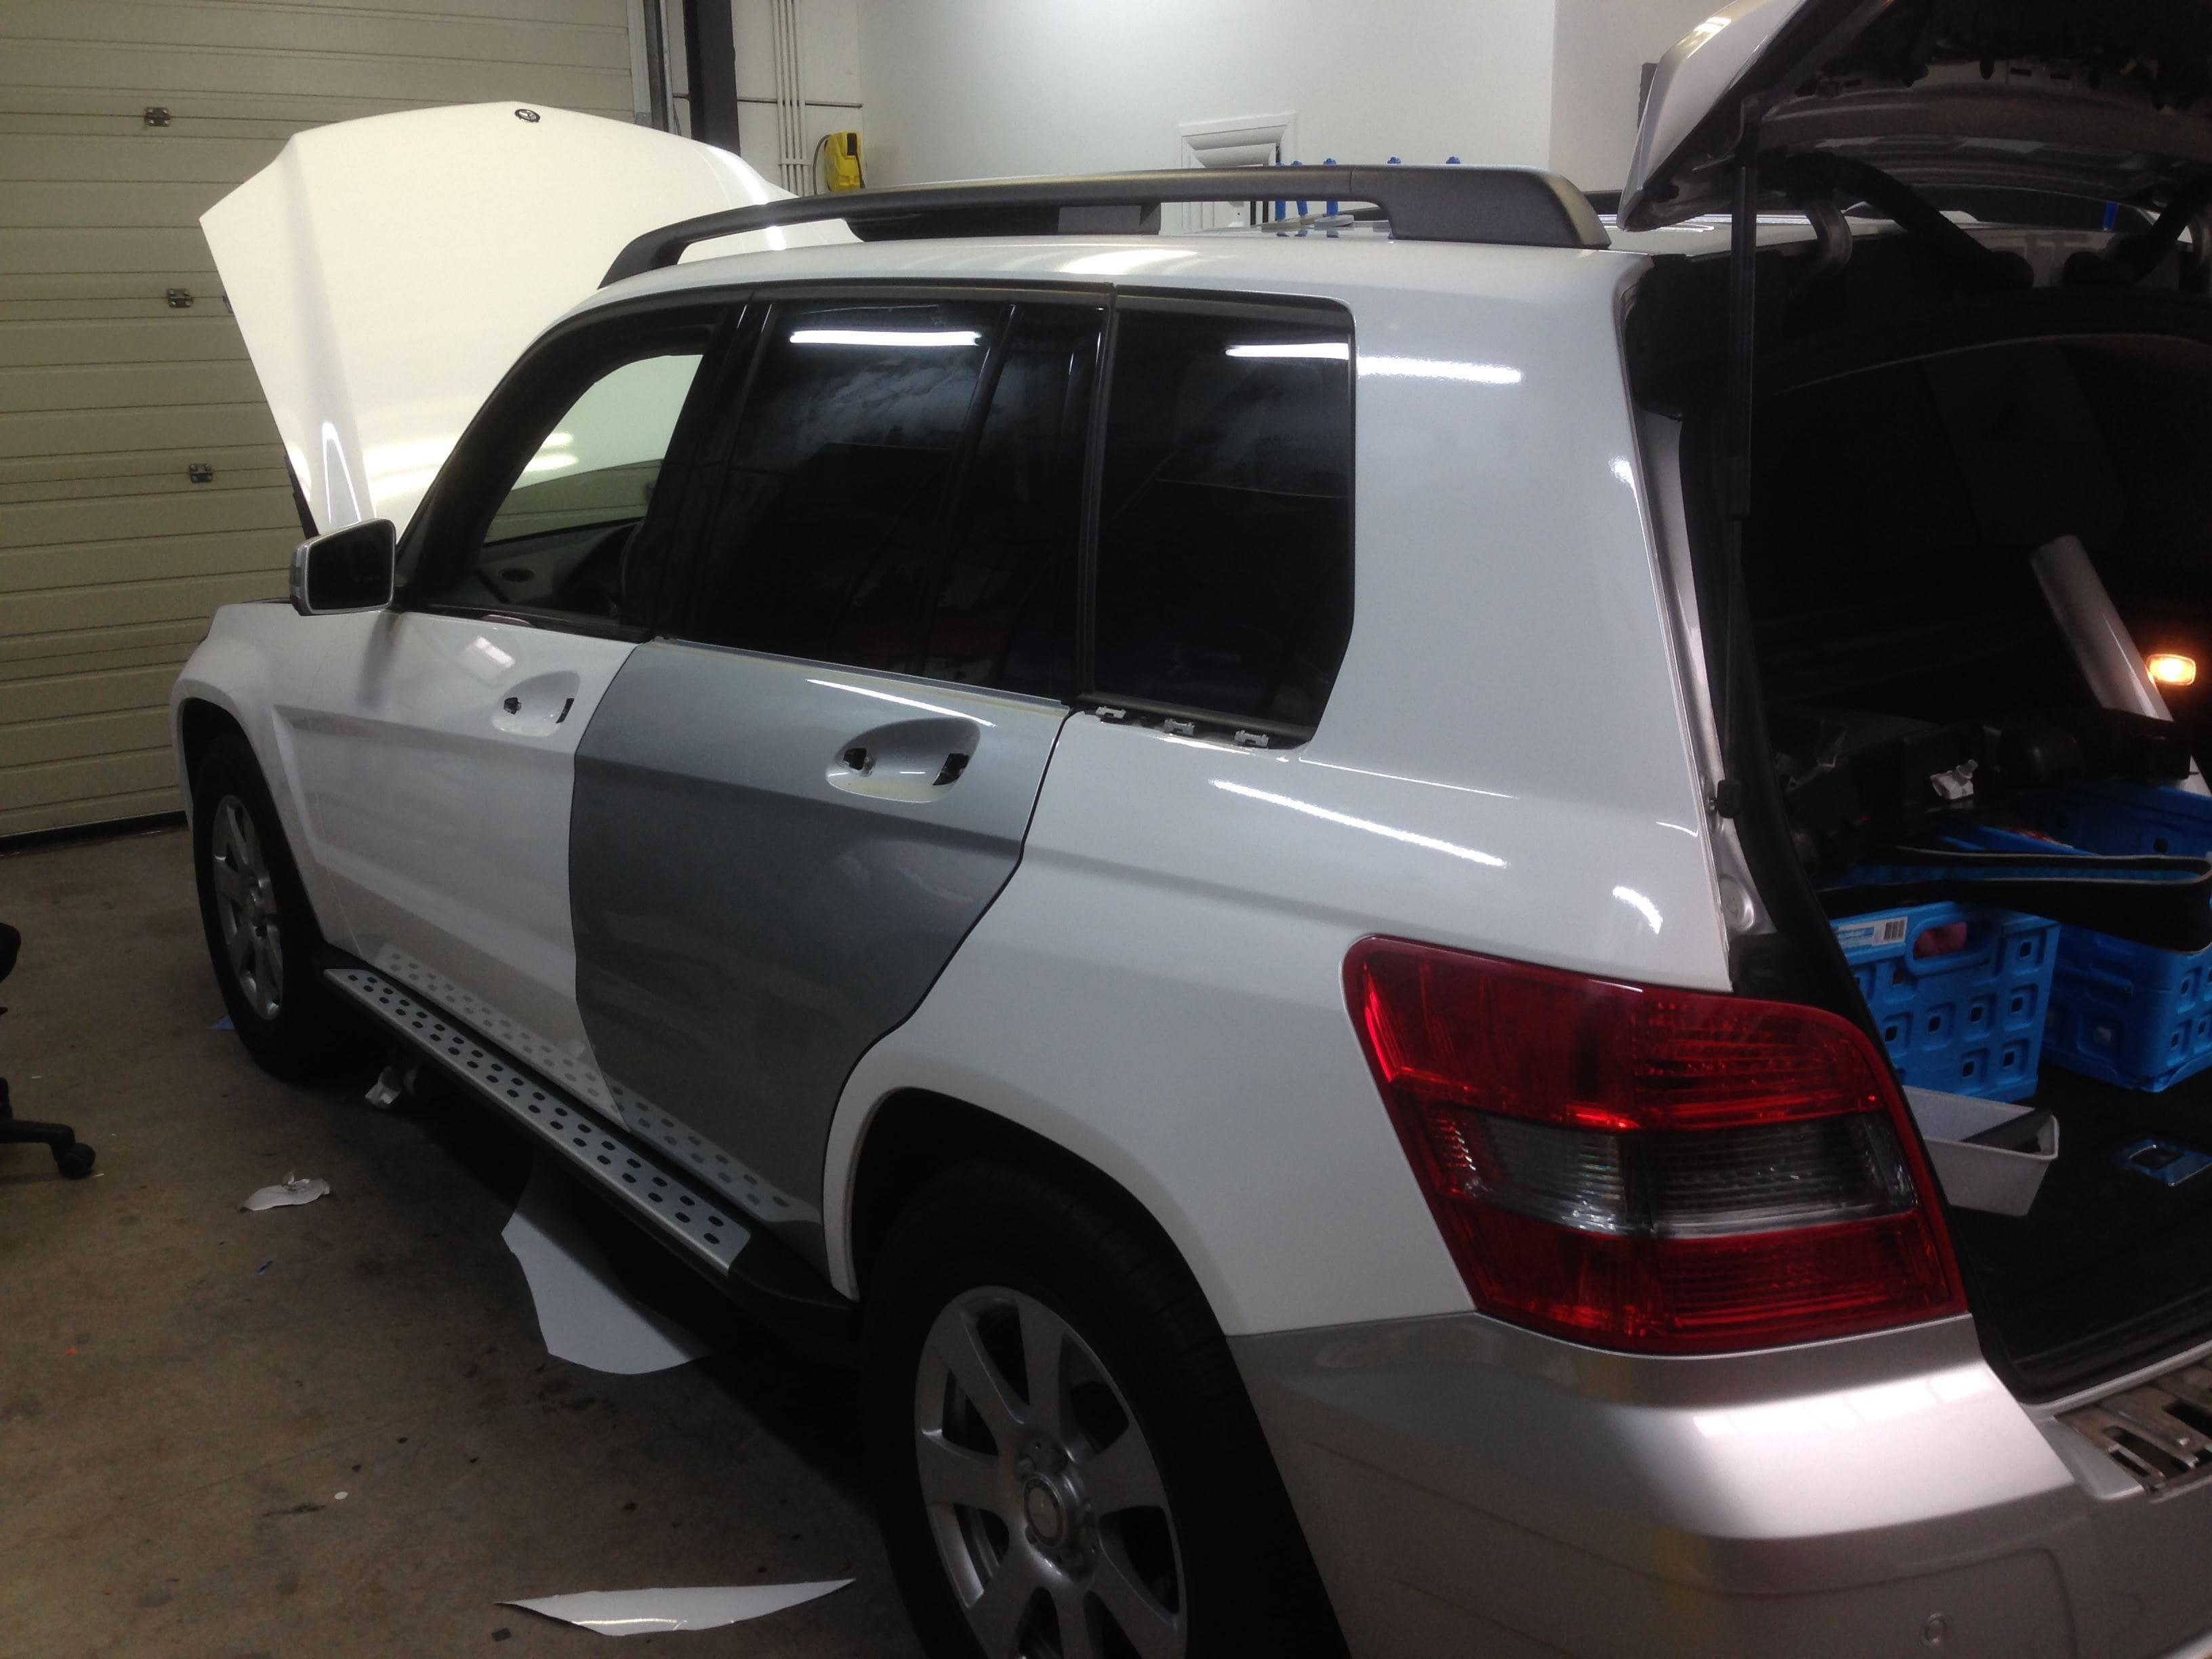 Mercedes GLK met Glossy White Wrap, Carwrapping door Wrapmyride.nu Foto-nr:6298, ©2021